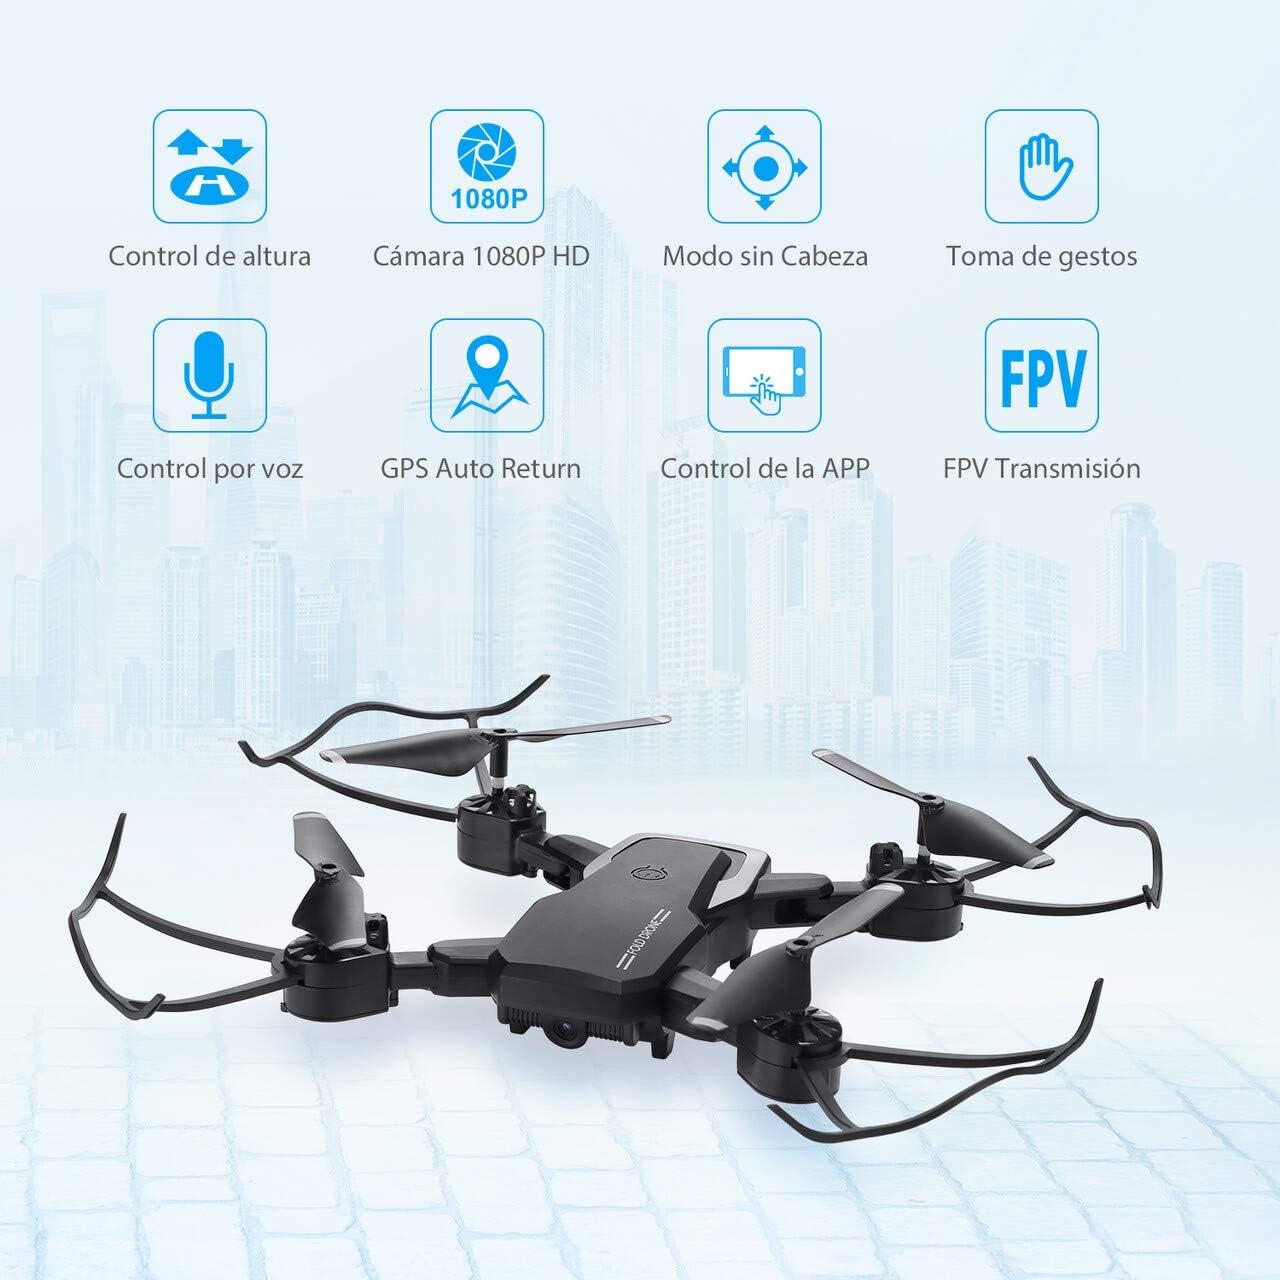 Adecuado para Principiantes y Ni/ños. Drone con C/ámara Modo sin Cabeza Vuelo de Trayectoria 30 Minutos de Tiempo de Vuelo Altitude Hold 2 Bater/ías Mini Drone con 1080P HD WiFi FPV 3D Flip